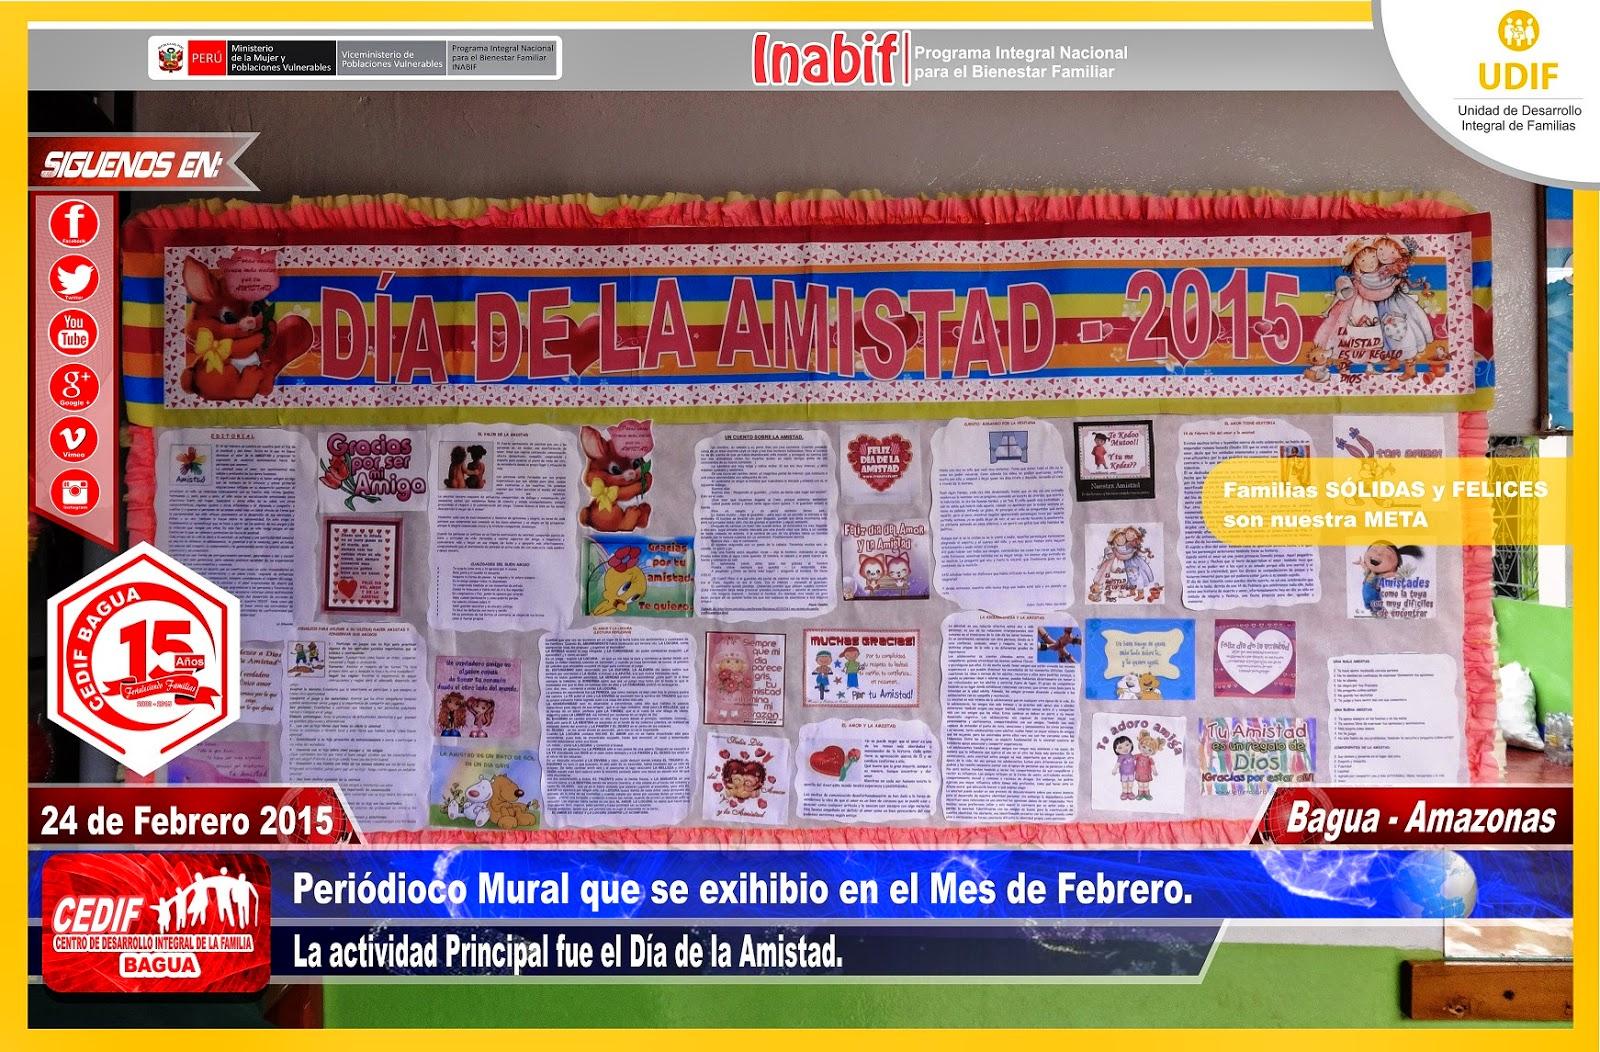 Mural fiestas patrias diario la primera i e jose olaya for Diario mural fiestas patrias chile